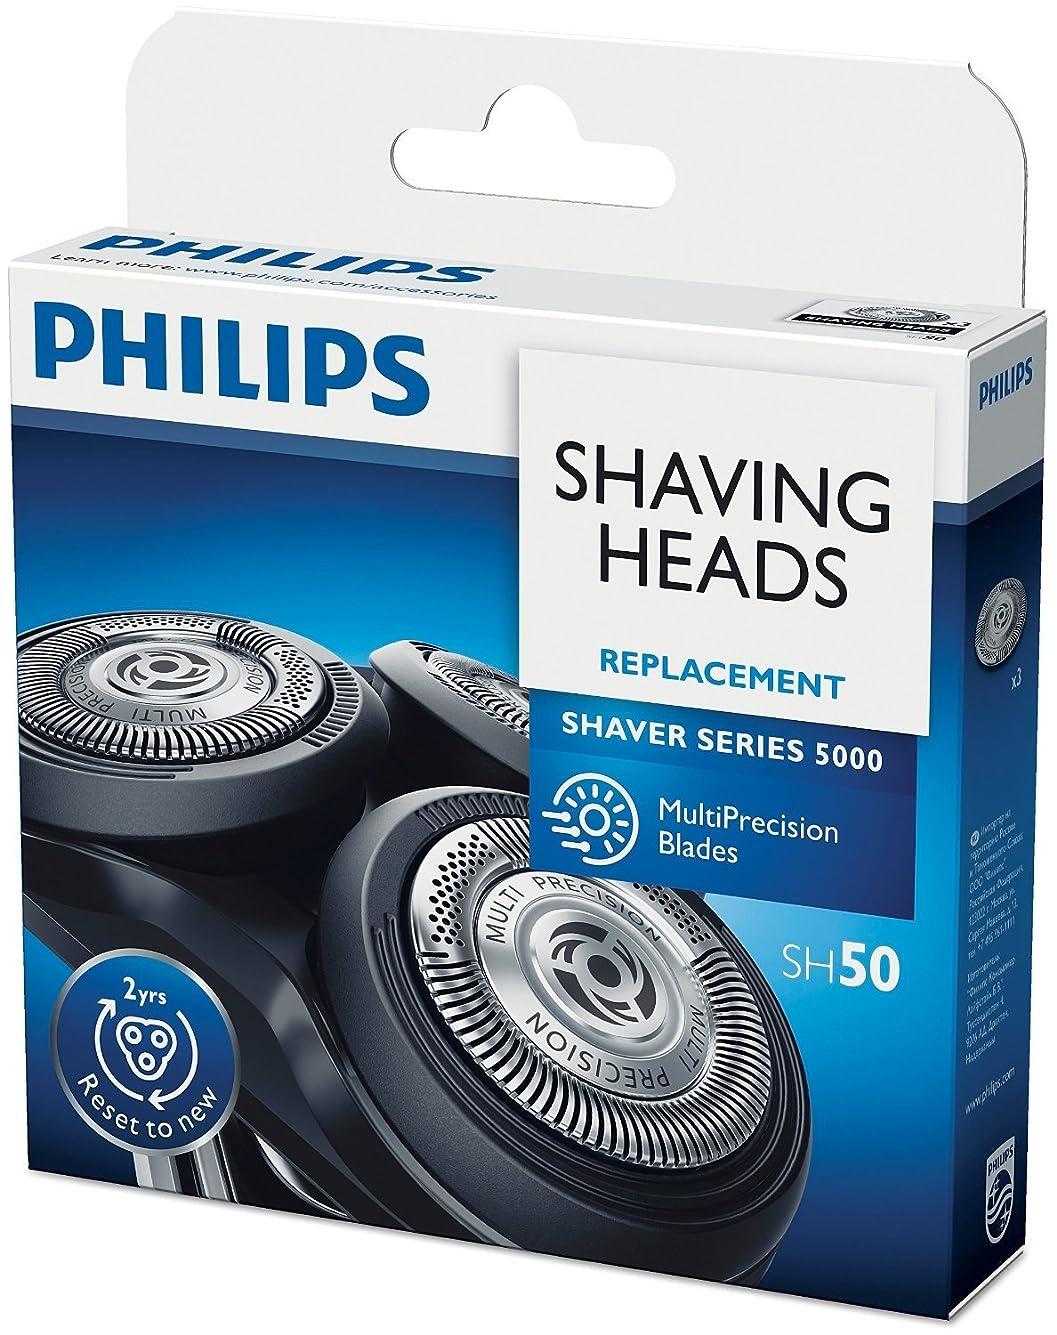 振動させる飲み込むチャレンジフィリップス 5000シリーズ用替刃 SH50/51